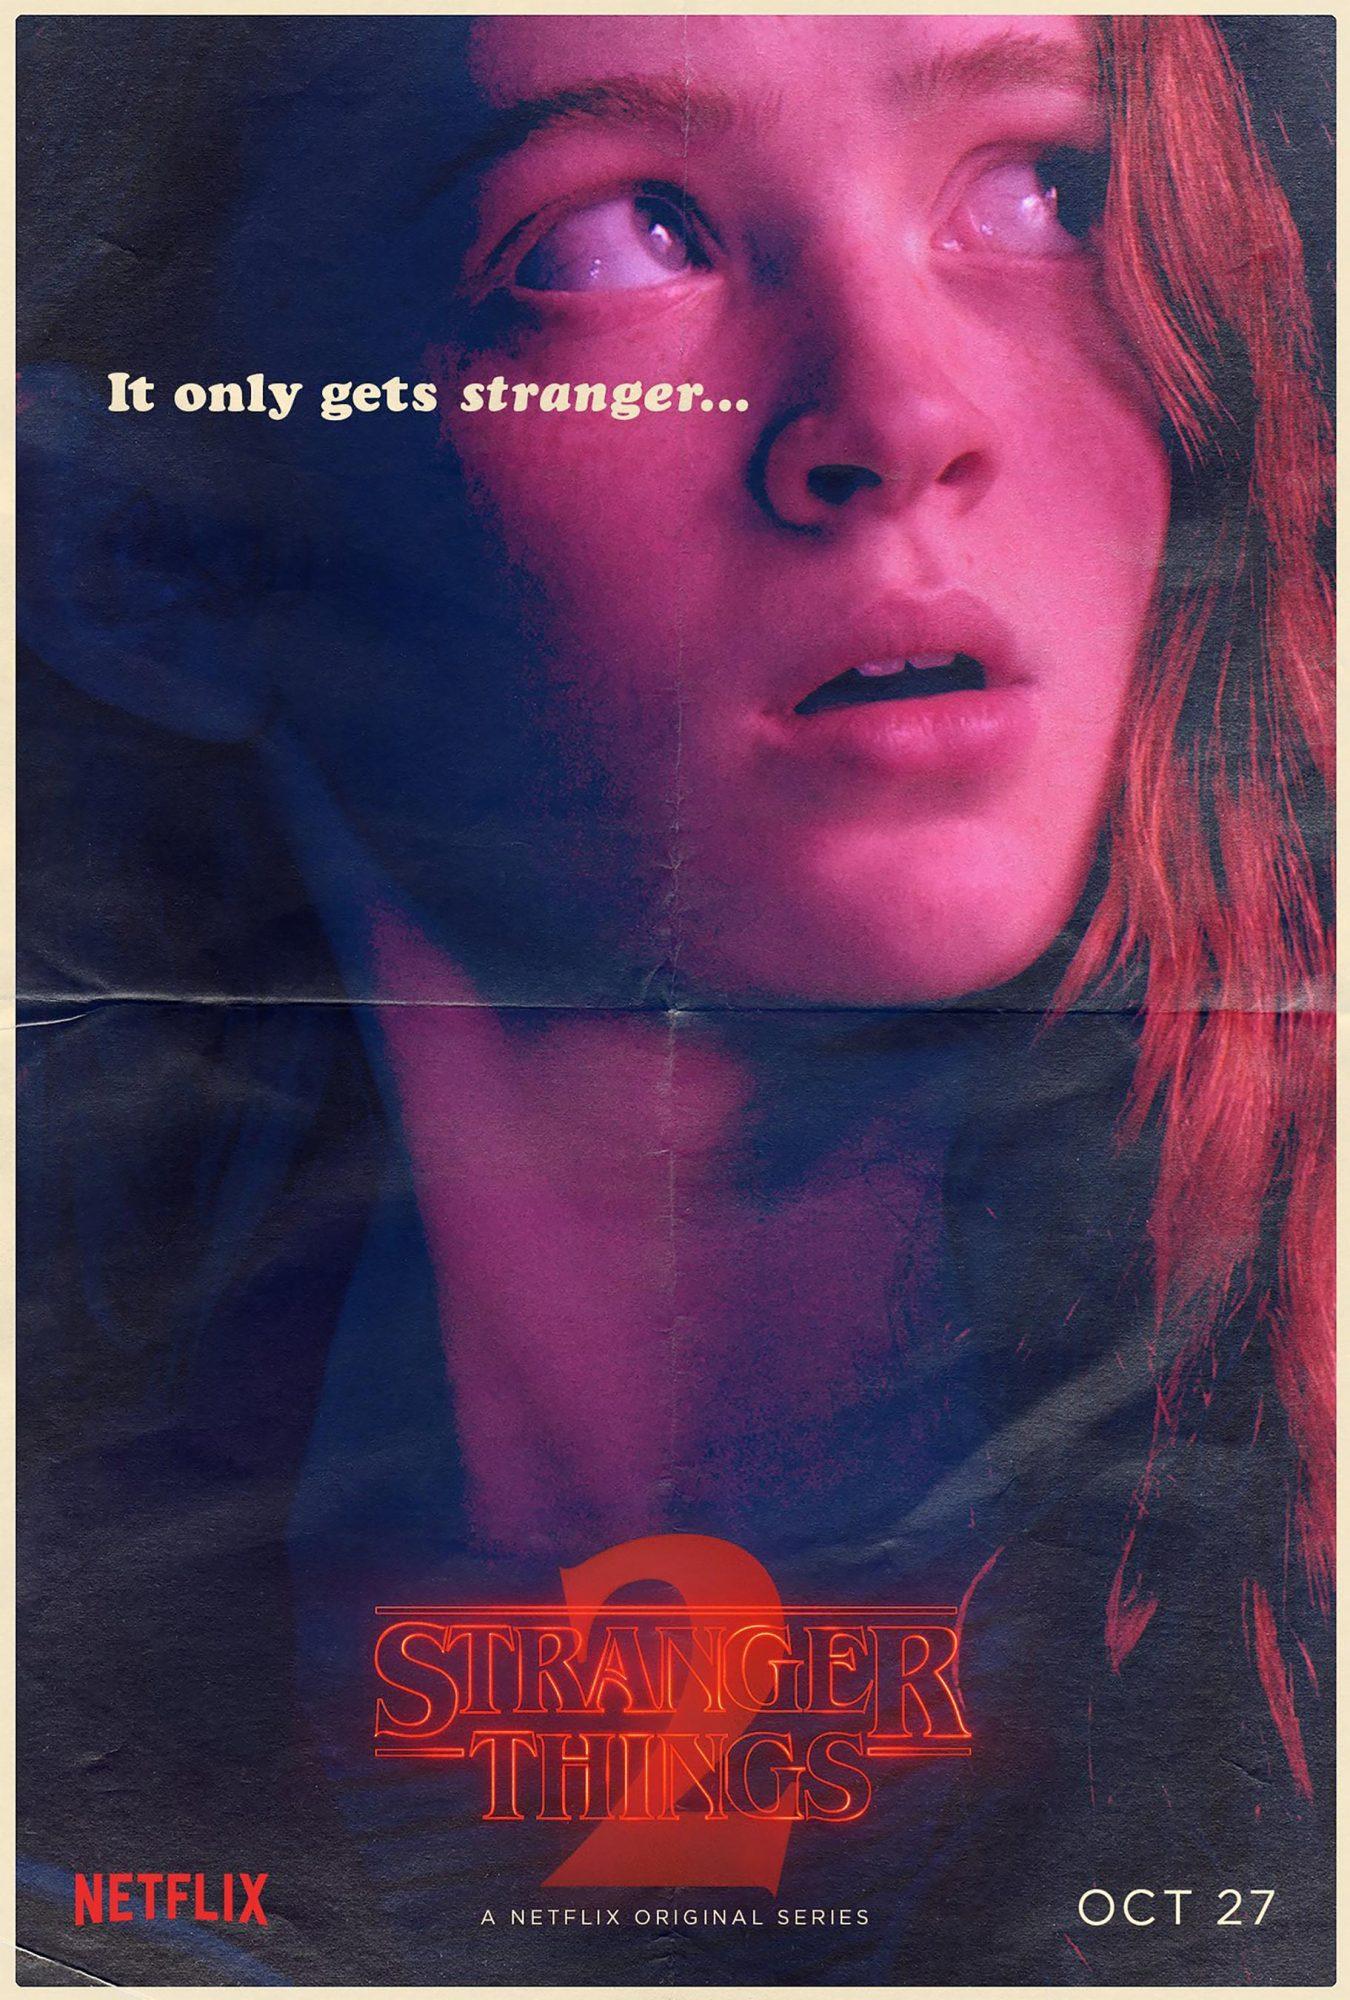 Stranger Things Season 2 - Sadie Sink CR: Netflix